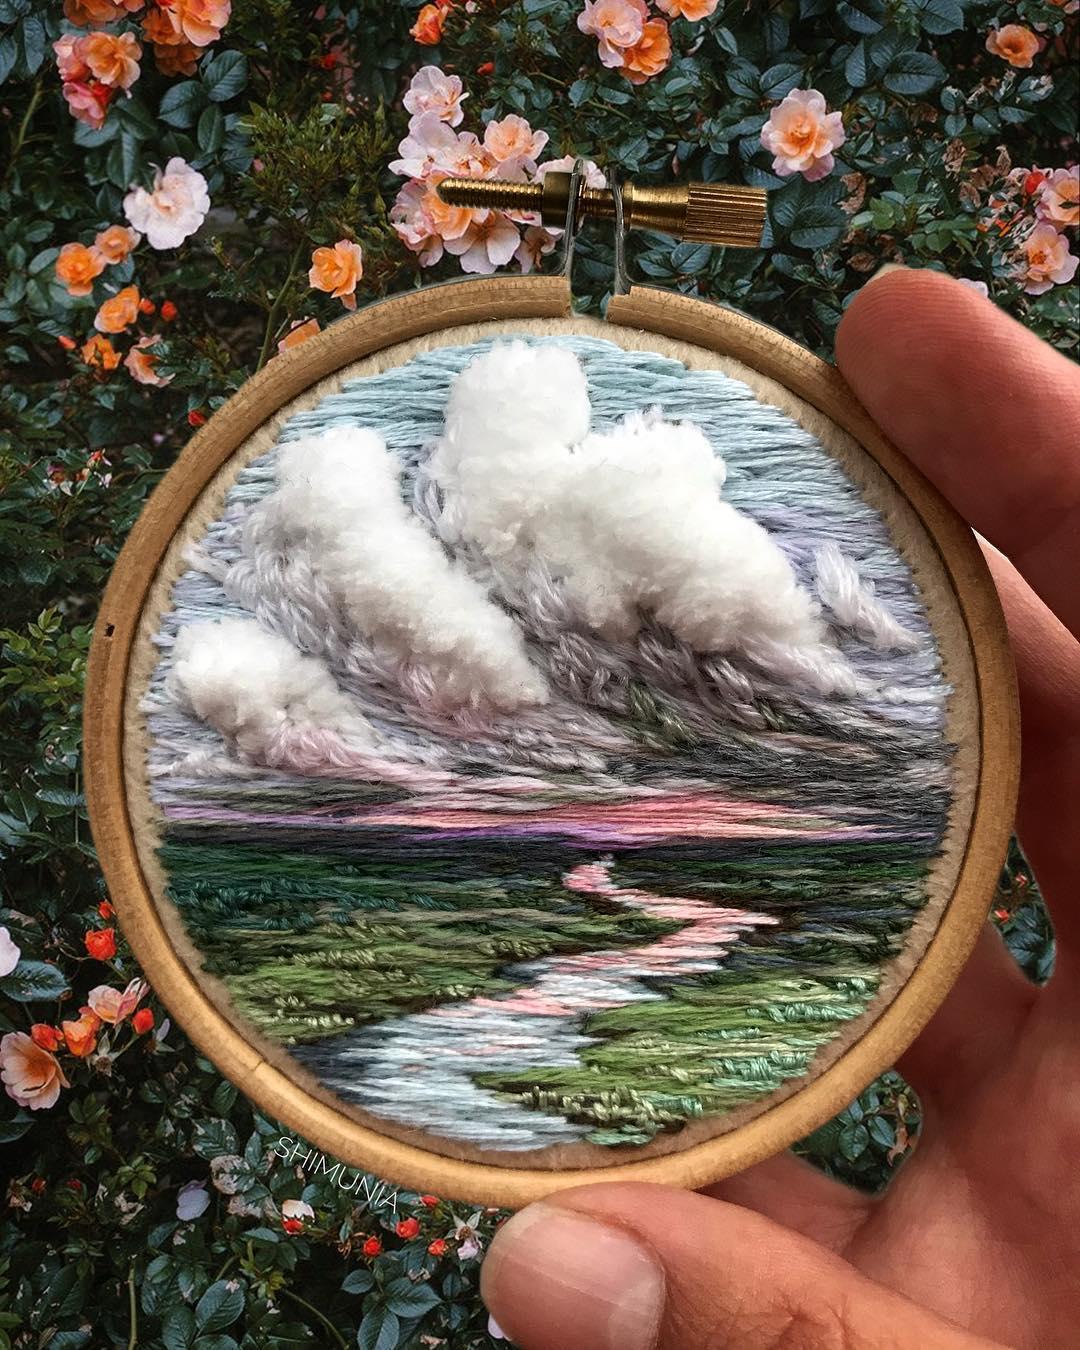 Kỹ thuật thêu 3D miêu tả sống động vẻ đẹp của thiên nhiên mây trời. 2